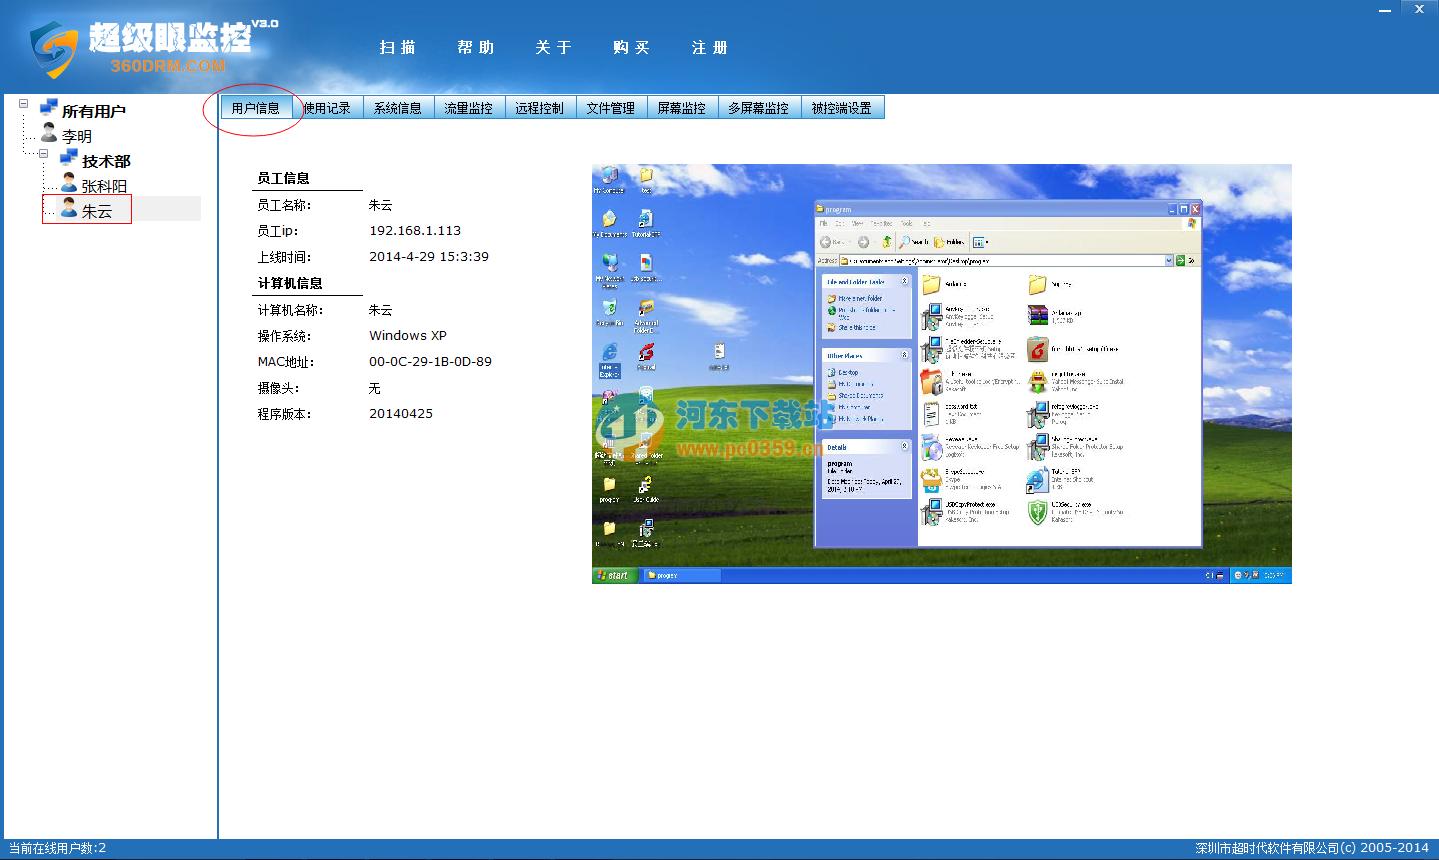 超级眼电脑监控软件 8.30 官方版